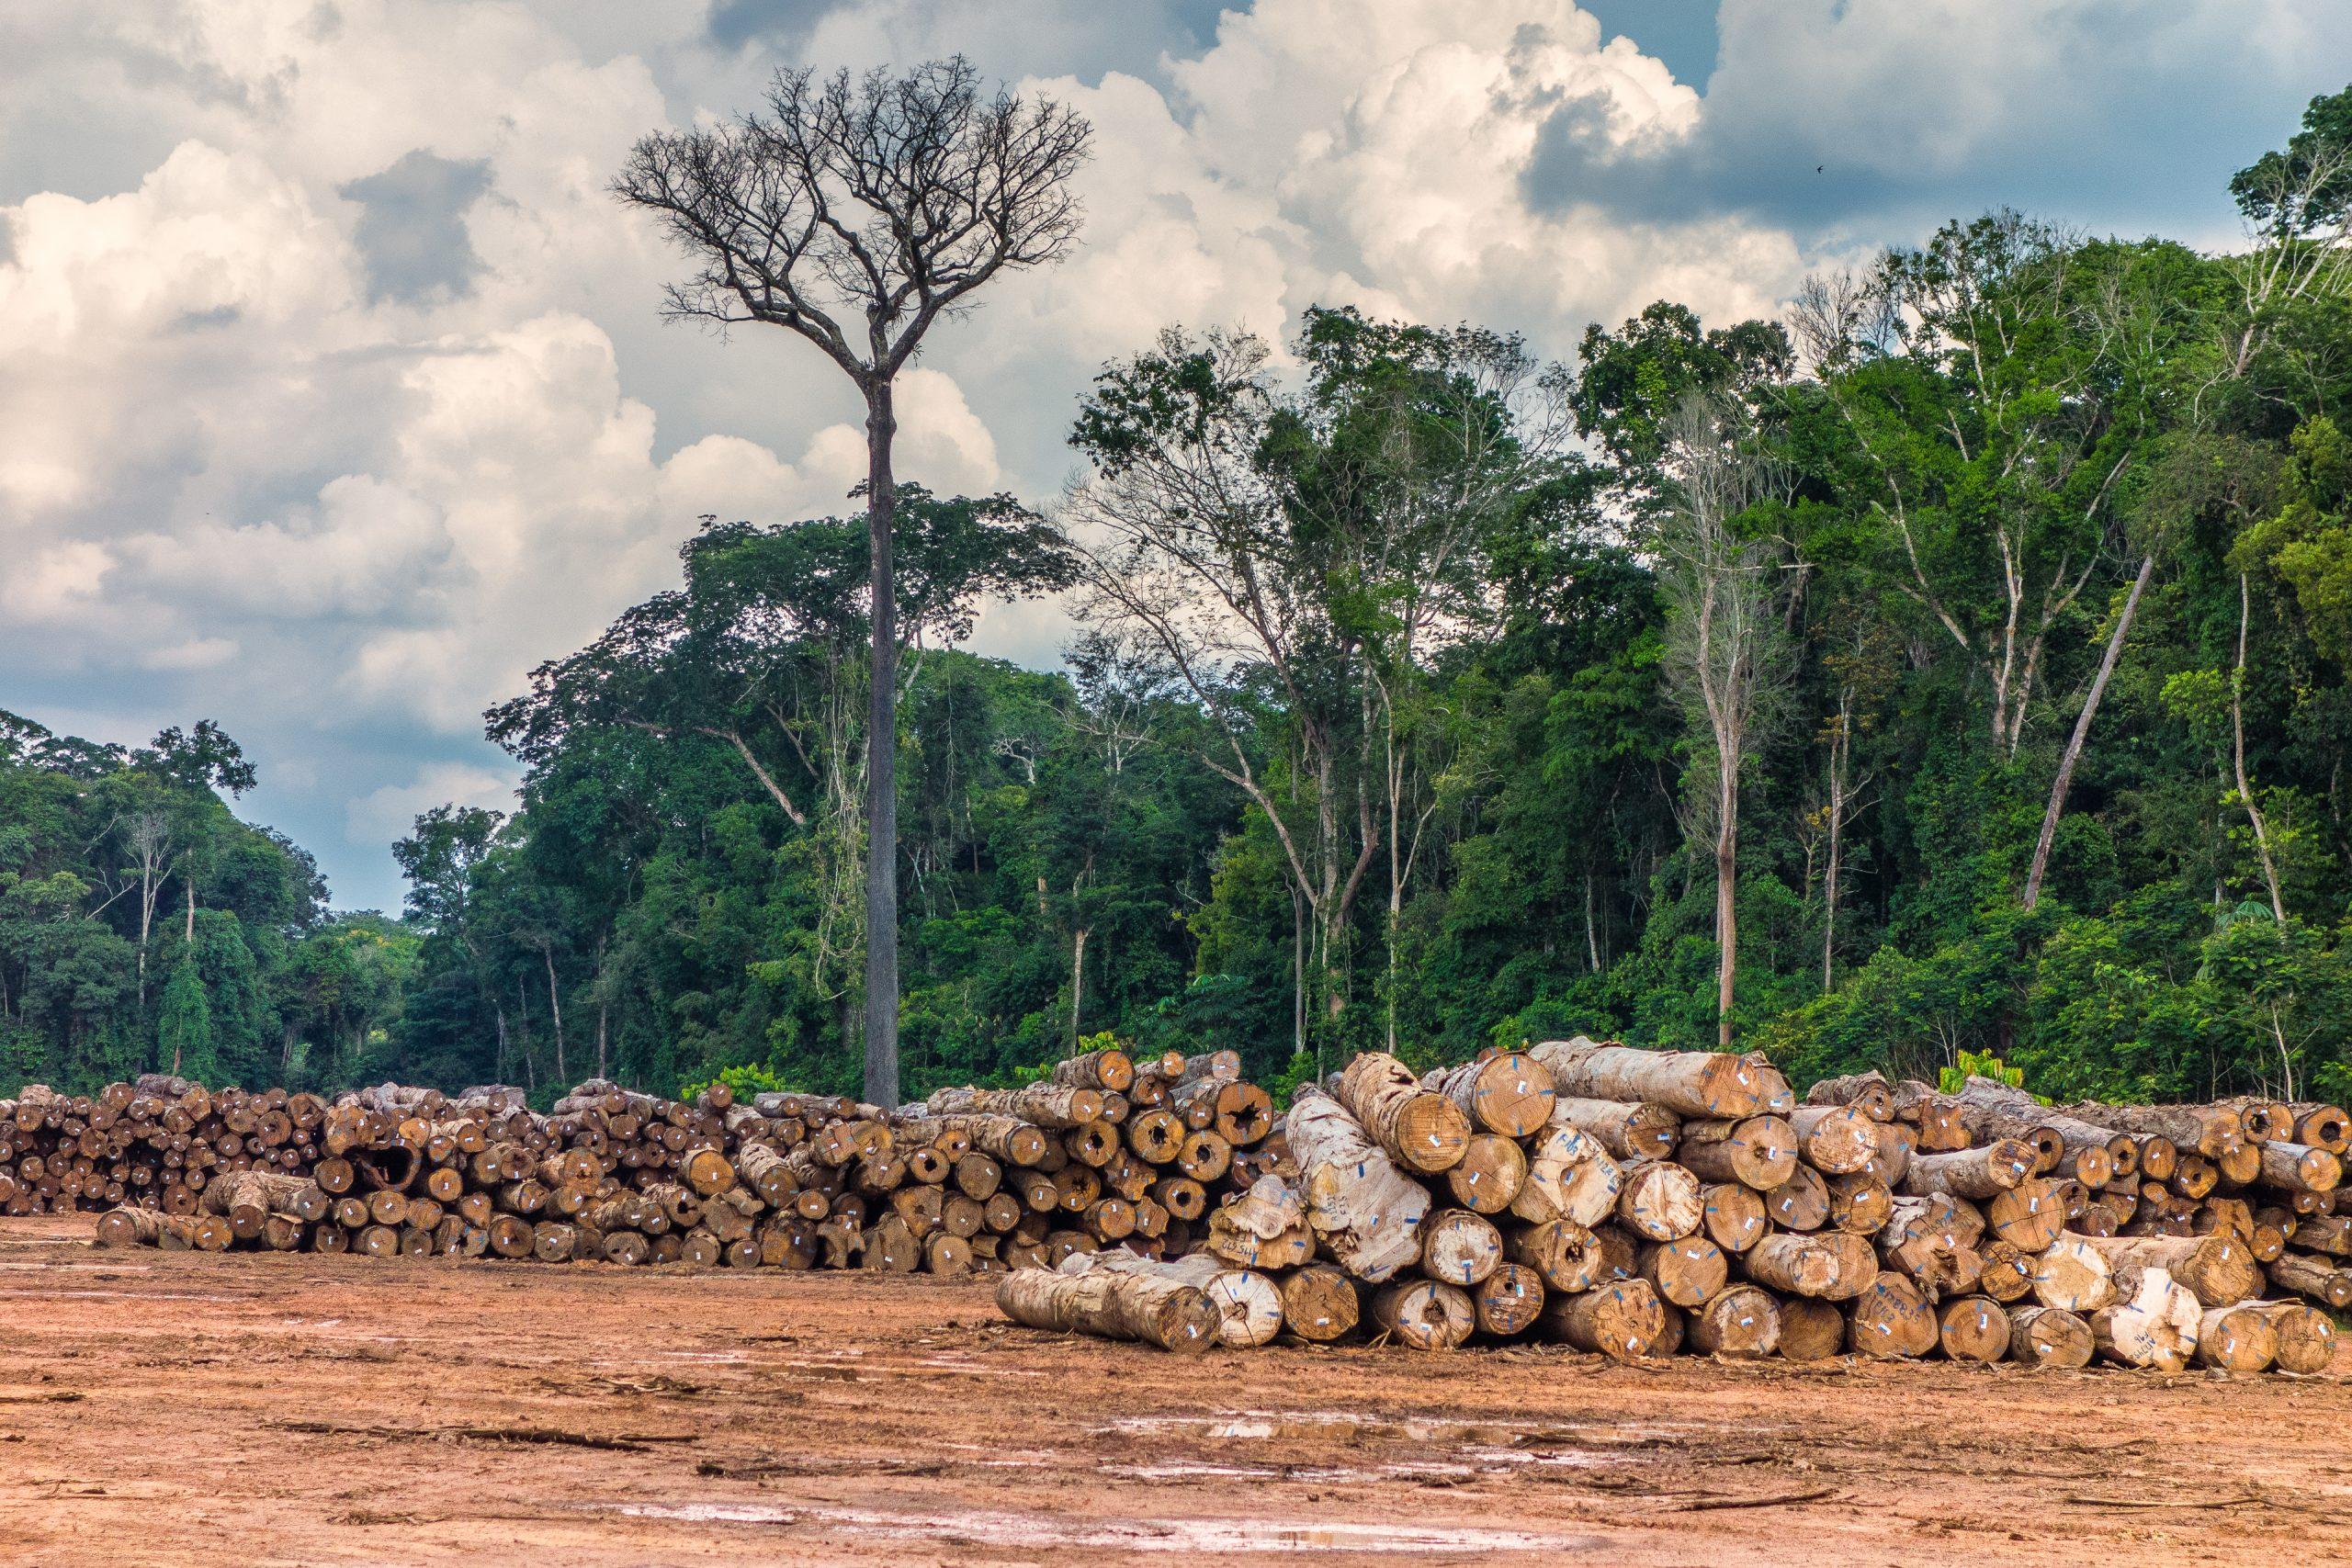 Exploracao madeireira em Rondonia Credito  Vicente Sampaio Imaflora scaled - Exploração madeireira na Amazônia chegou a 464 mil hectares em 12 meses, aponta levantamento inédito